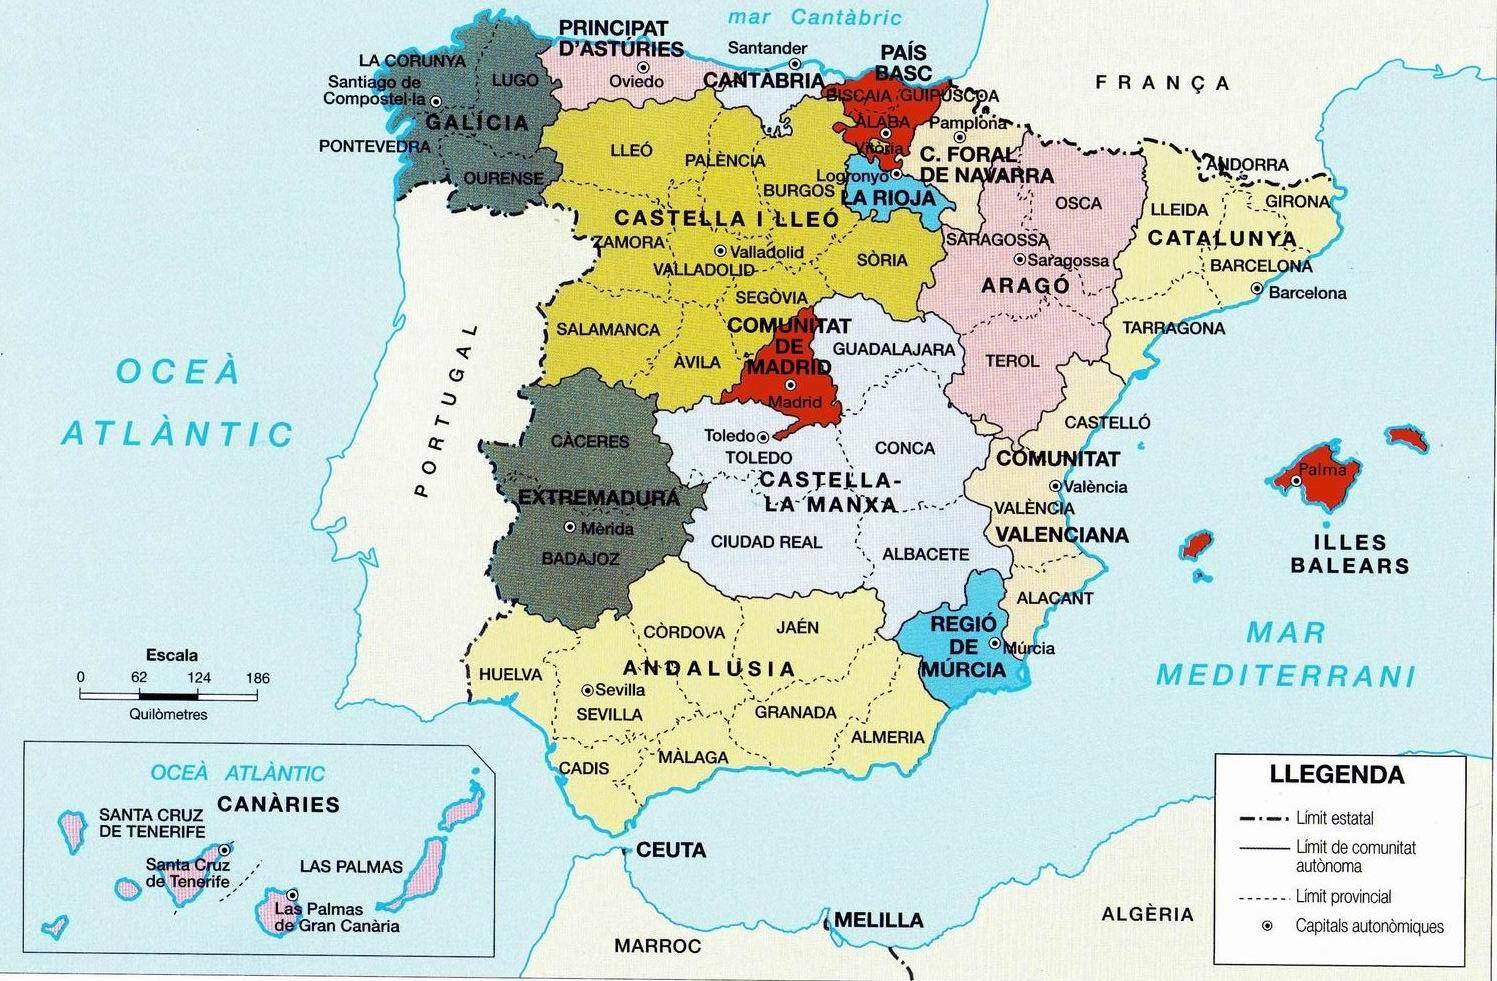 2 4 1 Espanya Fisica I Politica Un Mon De Recursos Socials